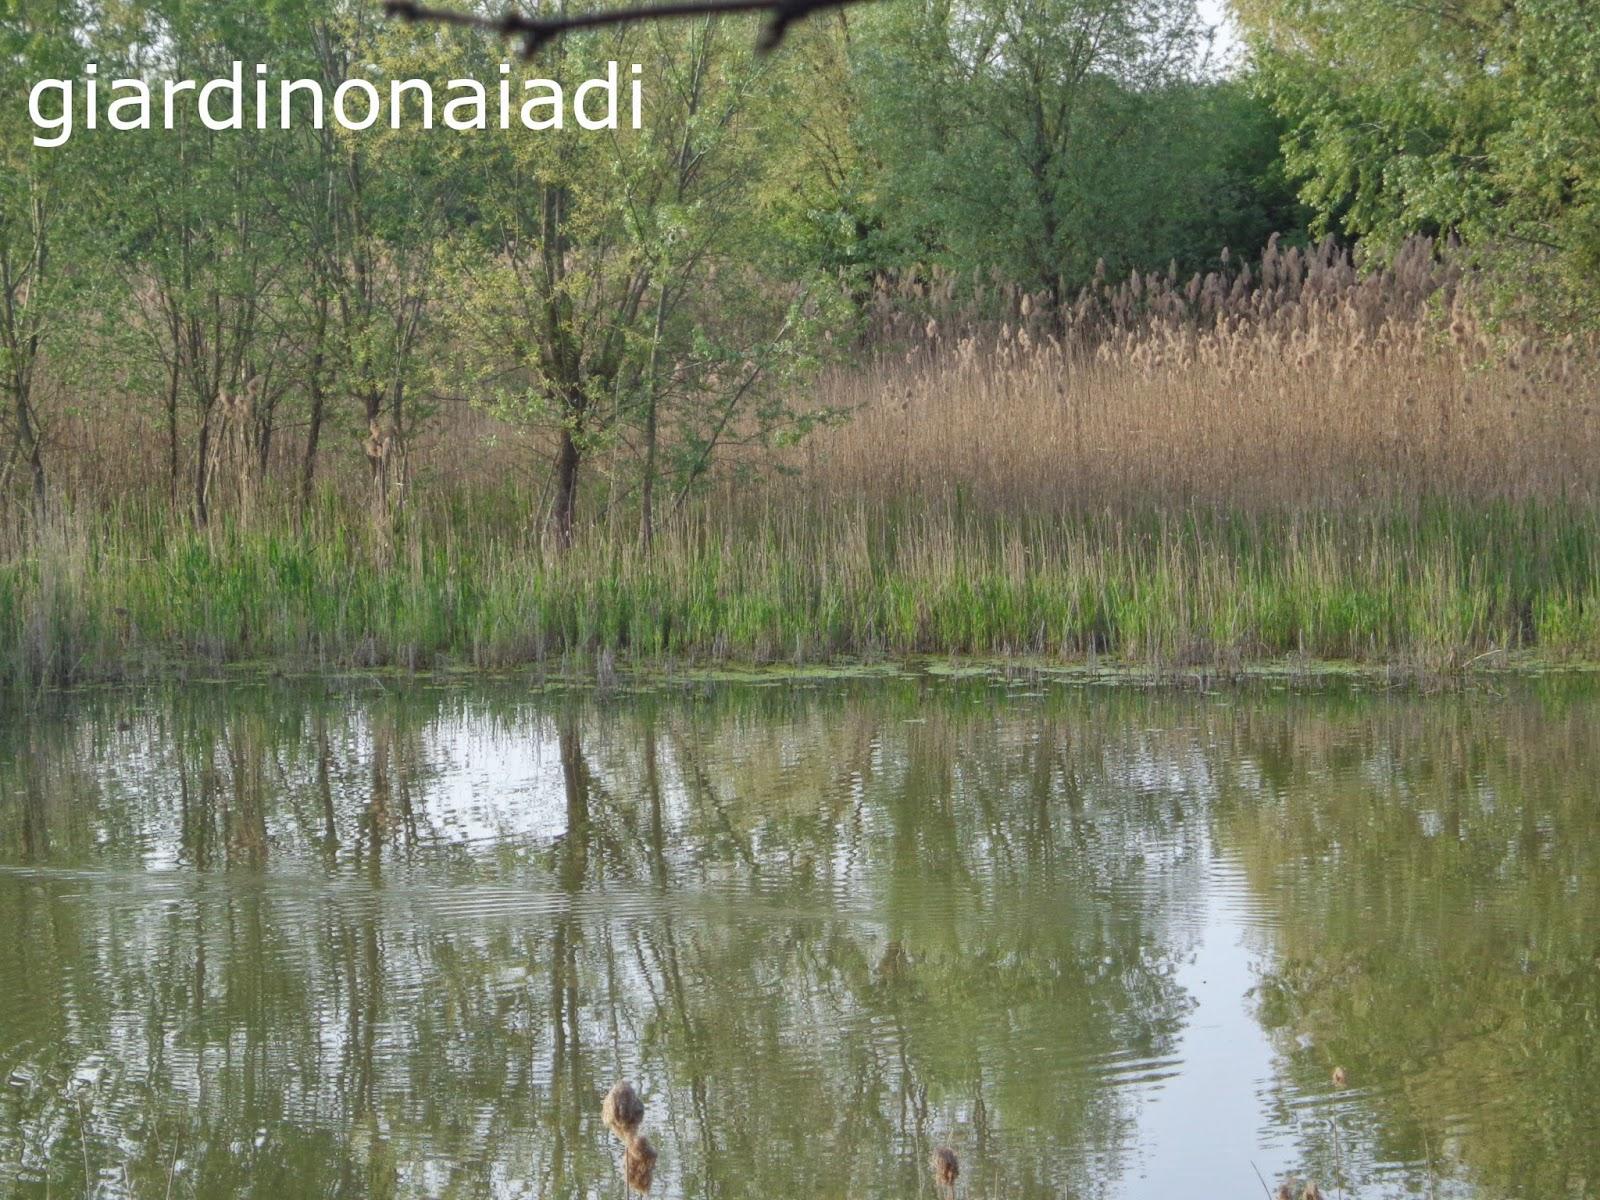 Il giardino delle naiadi la vita in uno stagno naturale - Foto di uno shamrock ...